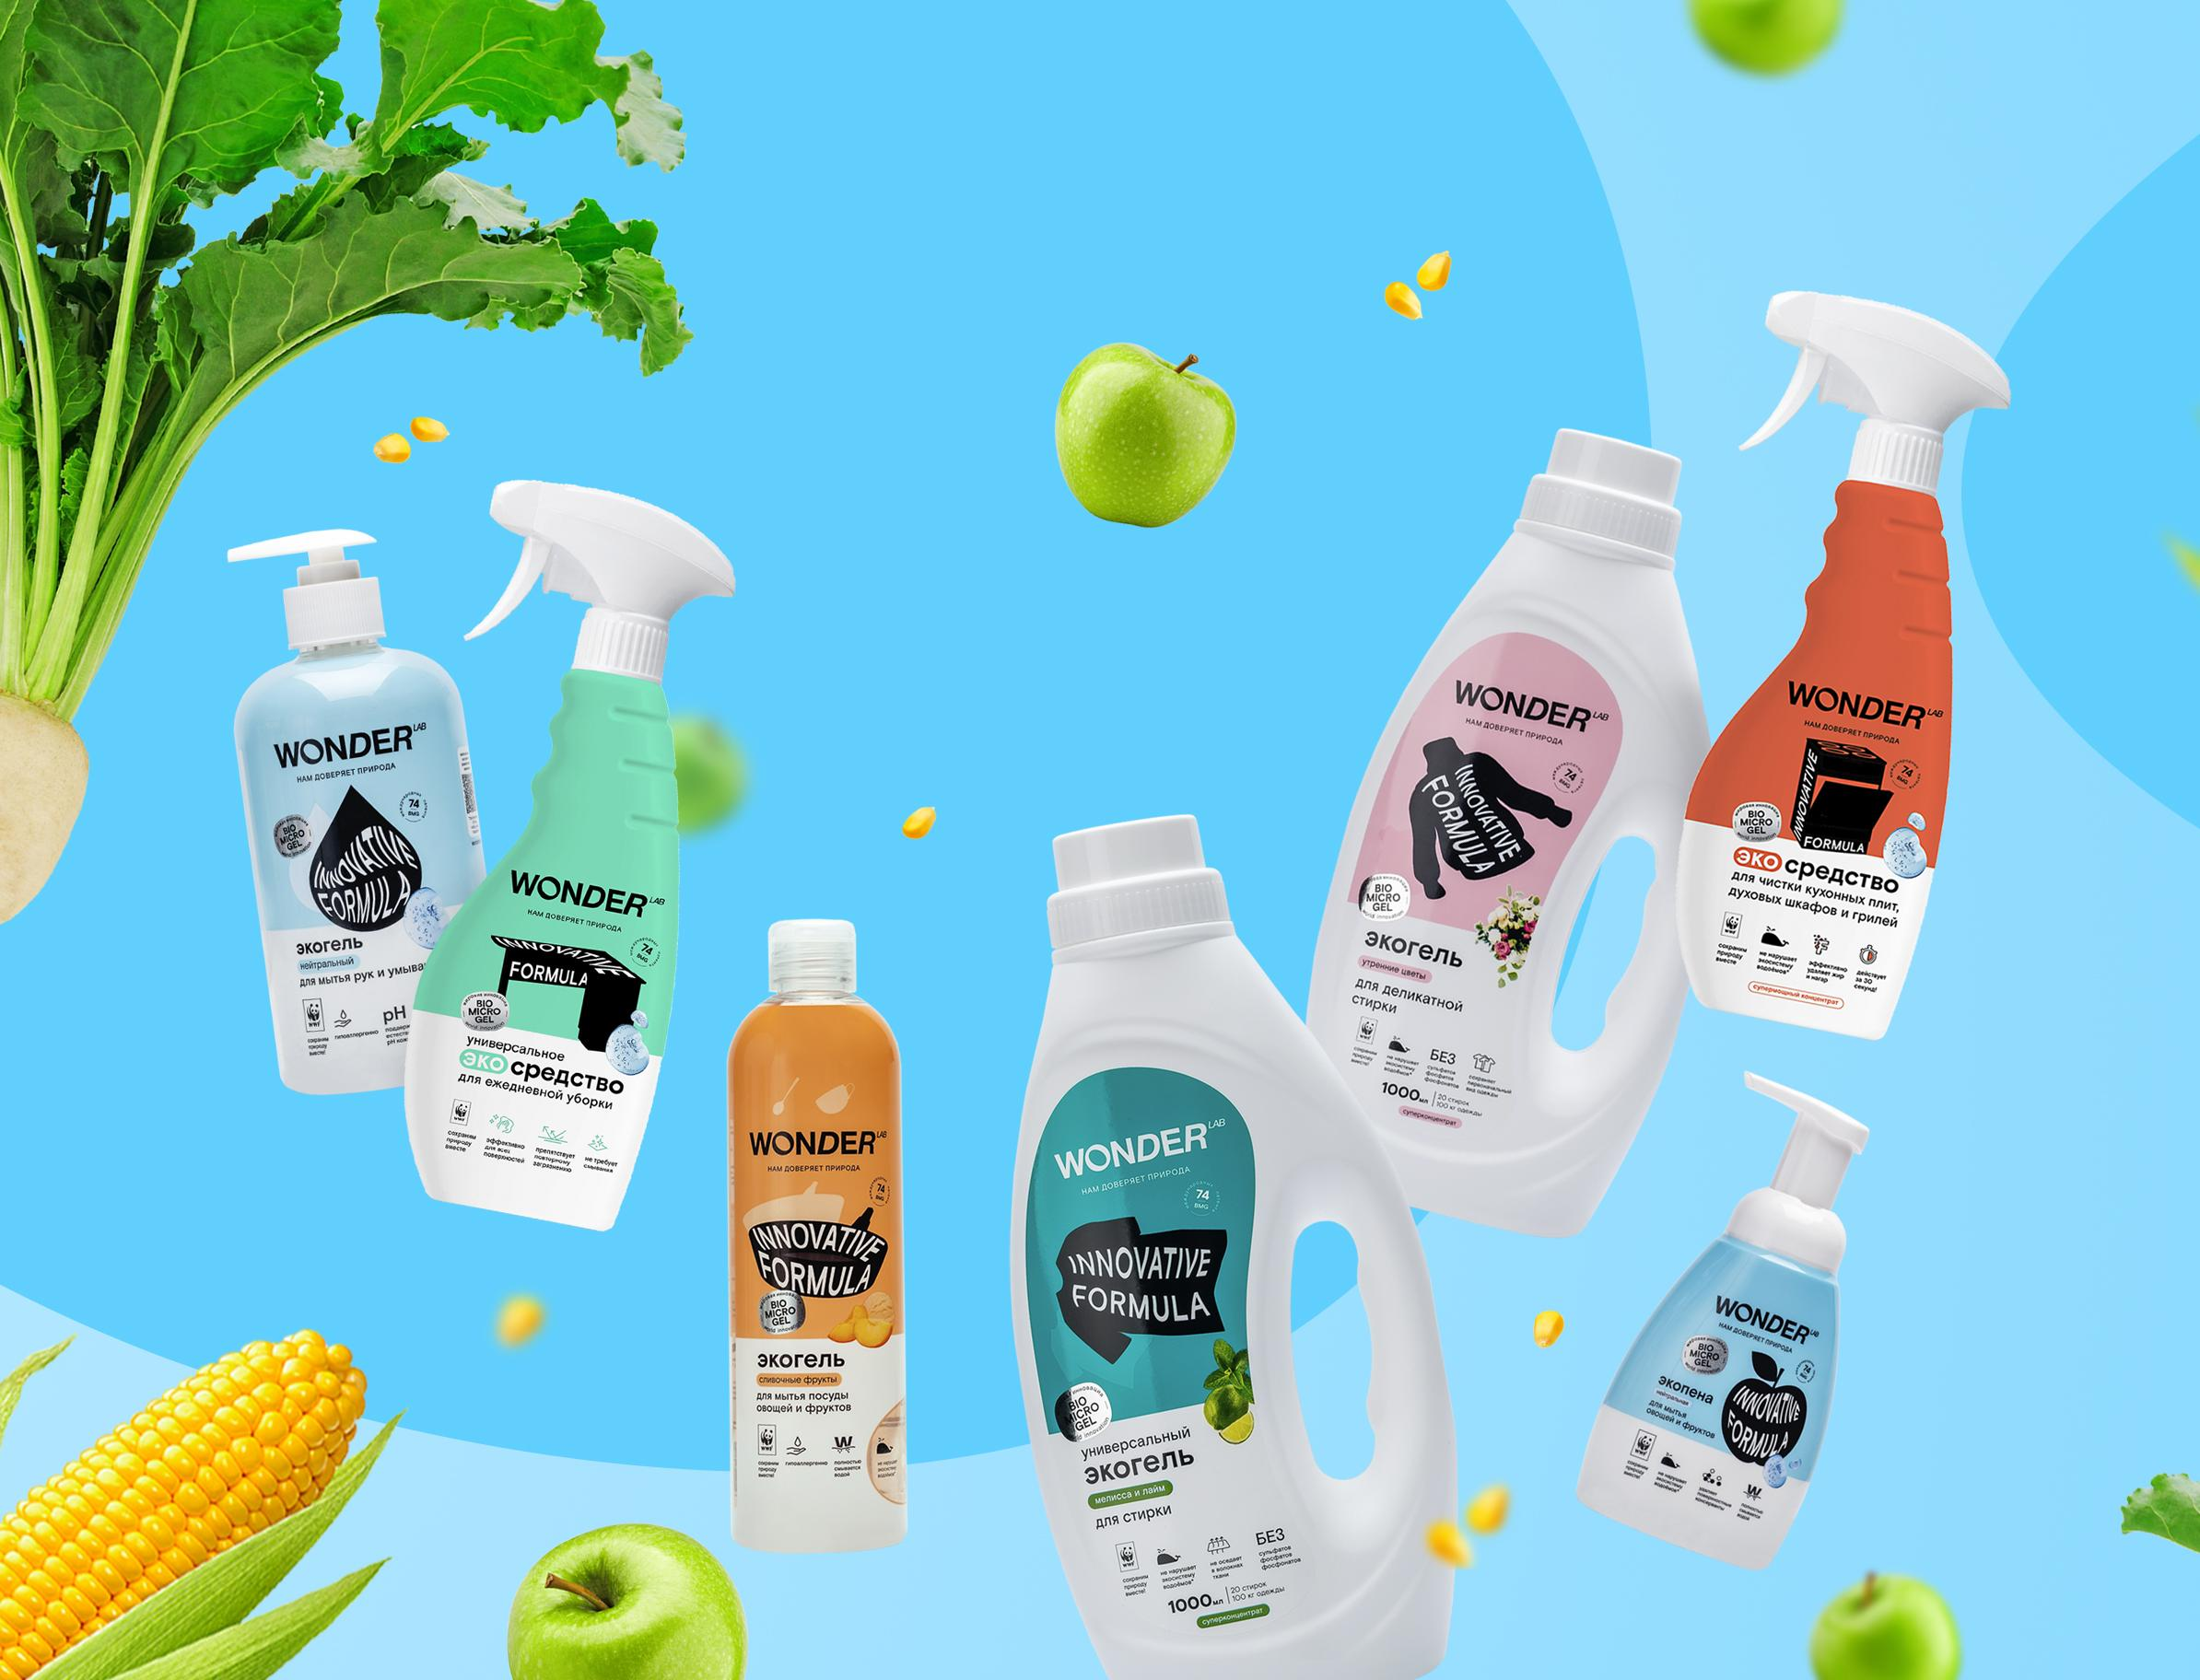 Впервые российский бренд бытовой химии получил европейский эко-сертификат Ecolabel